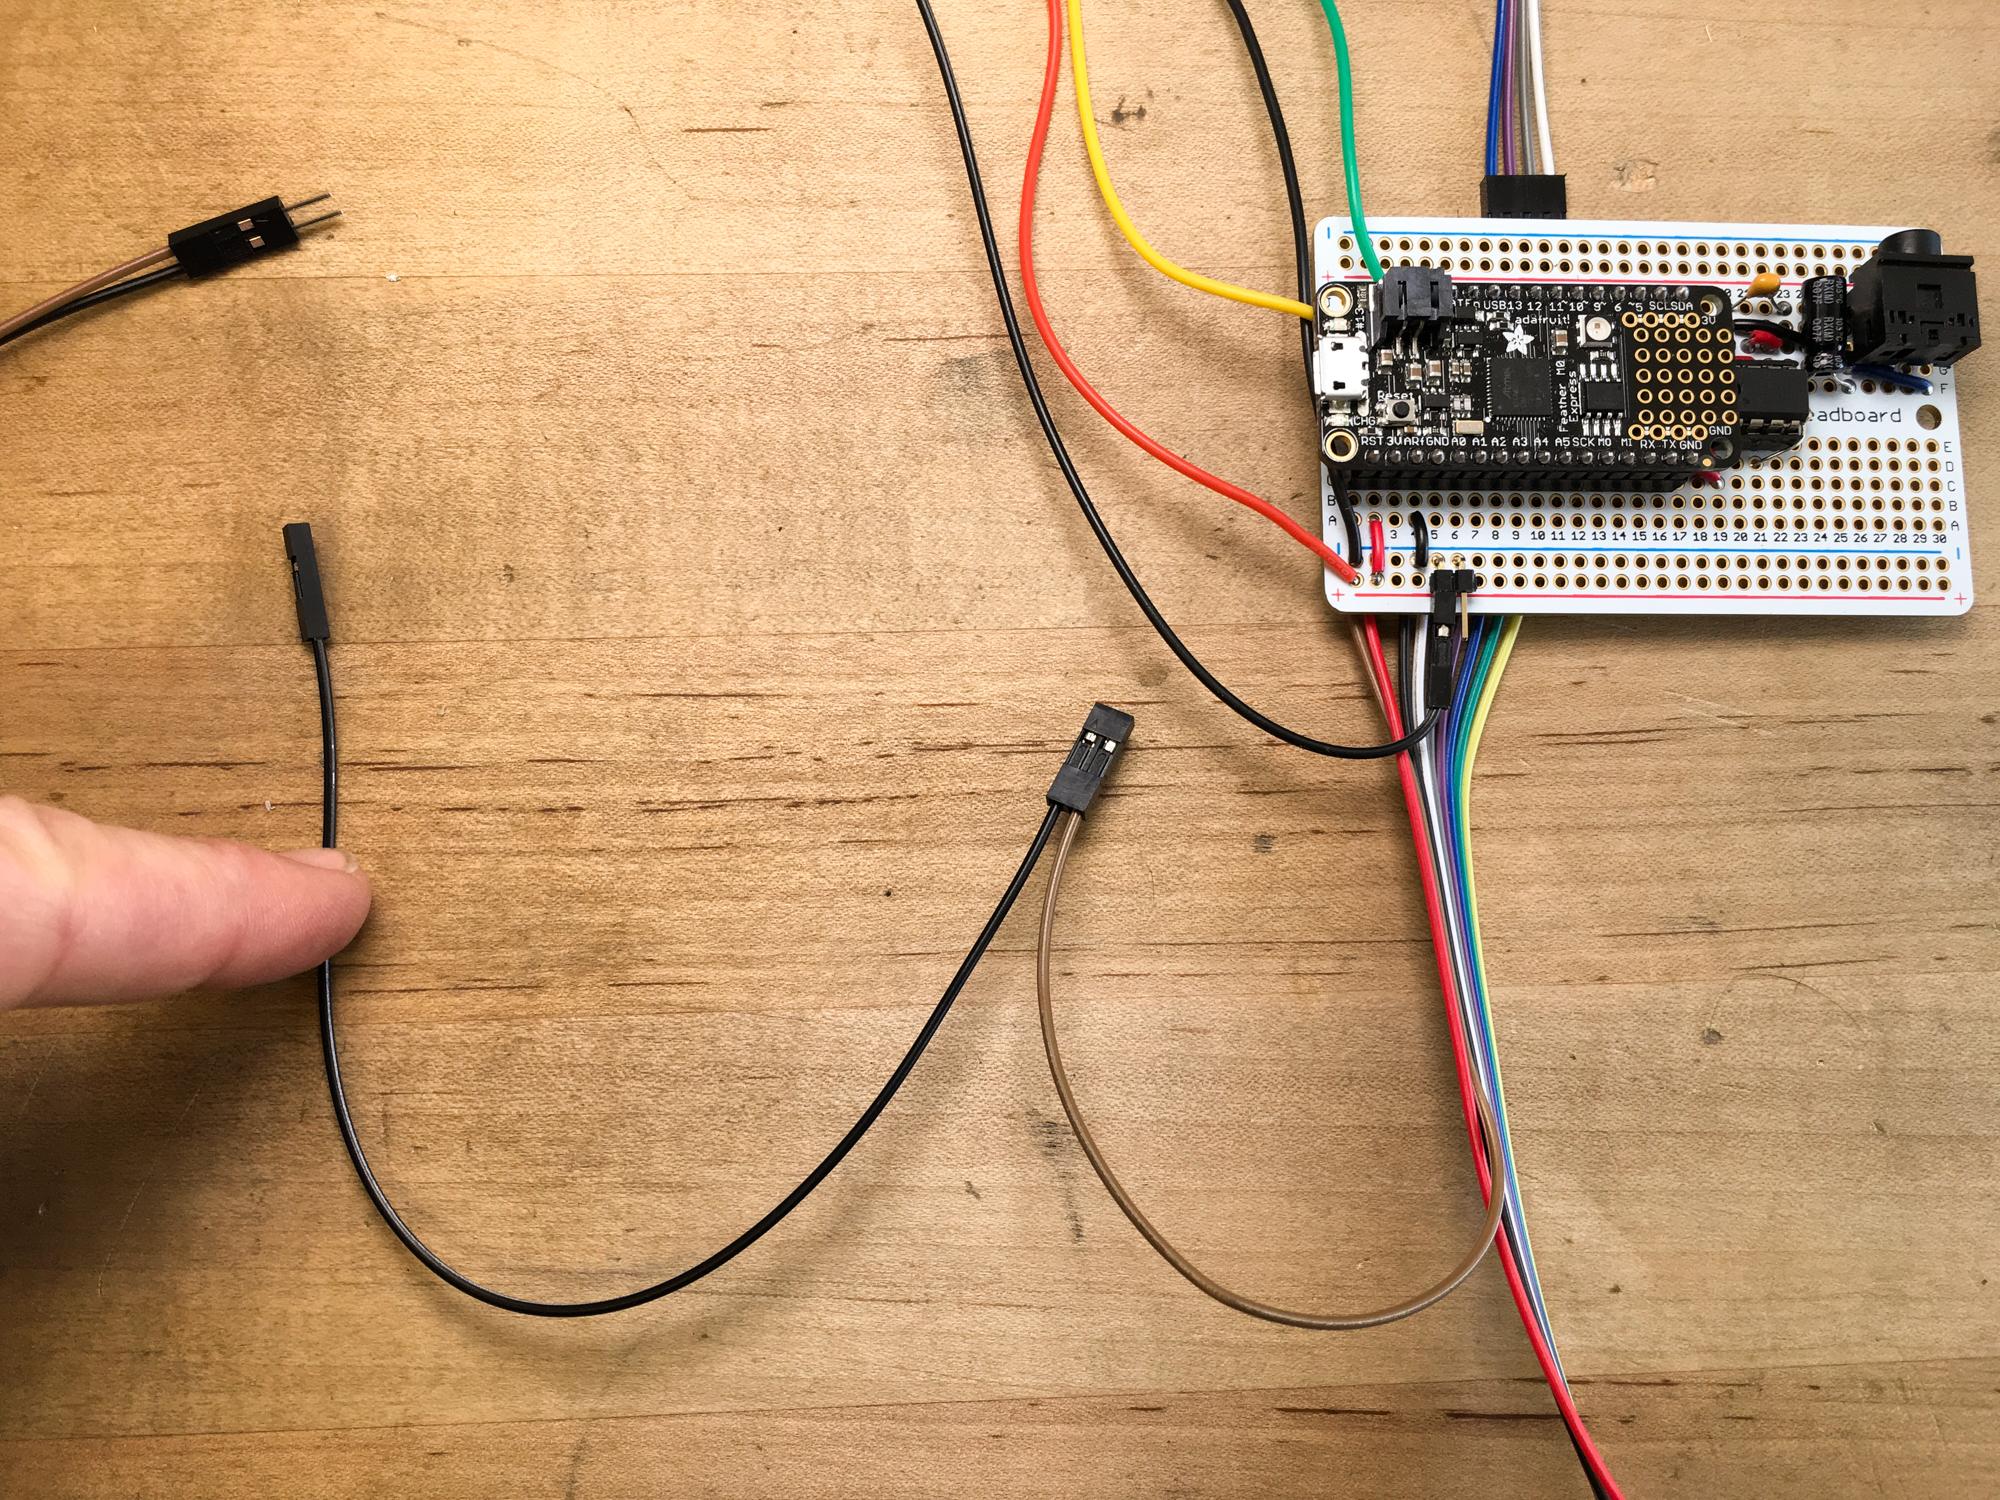 microcontrollers_IMG_2118_2k.jpg